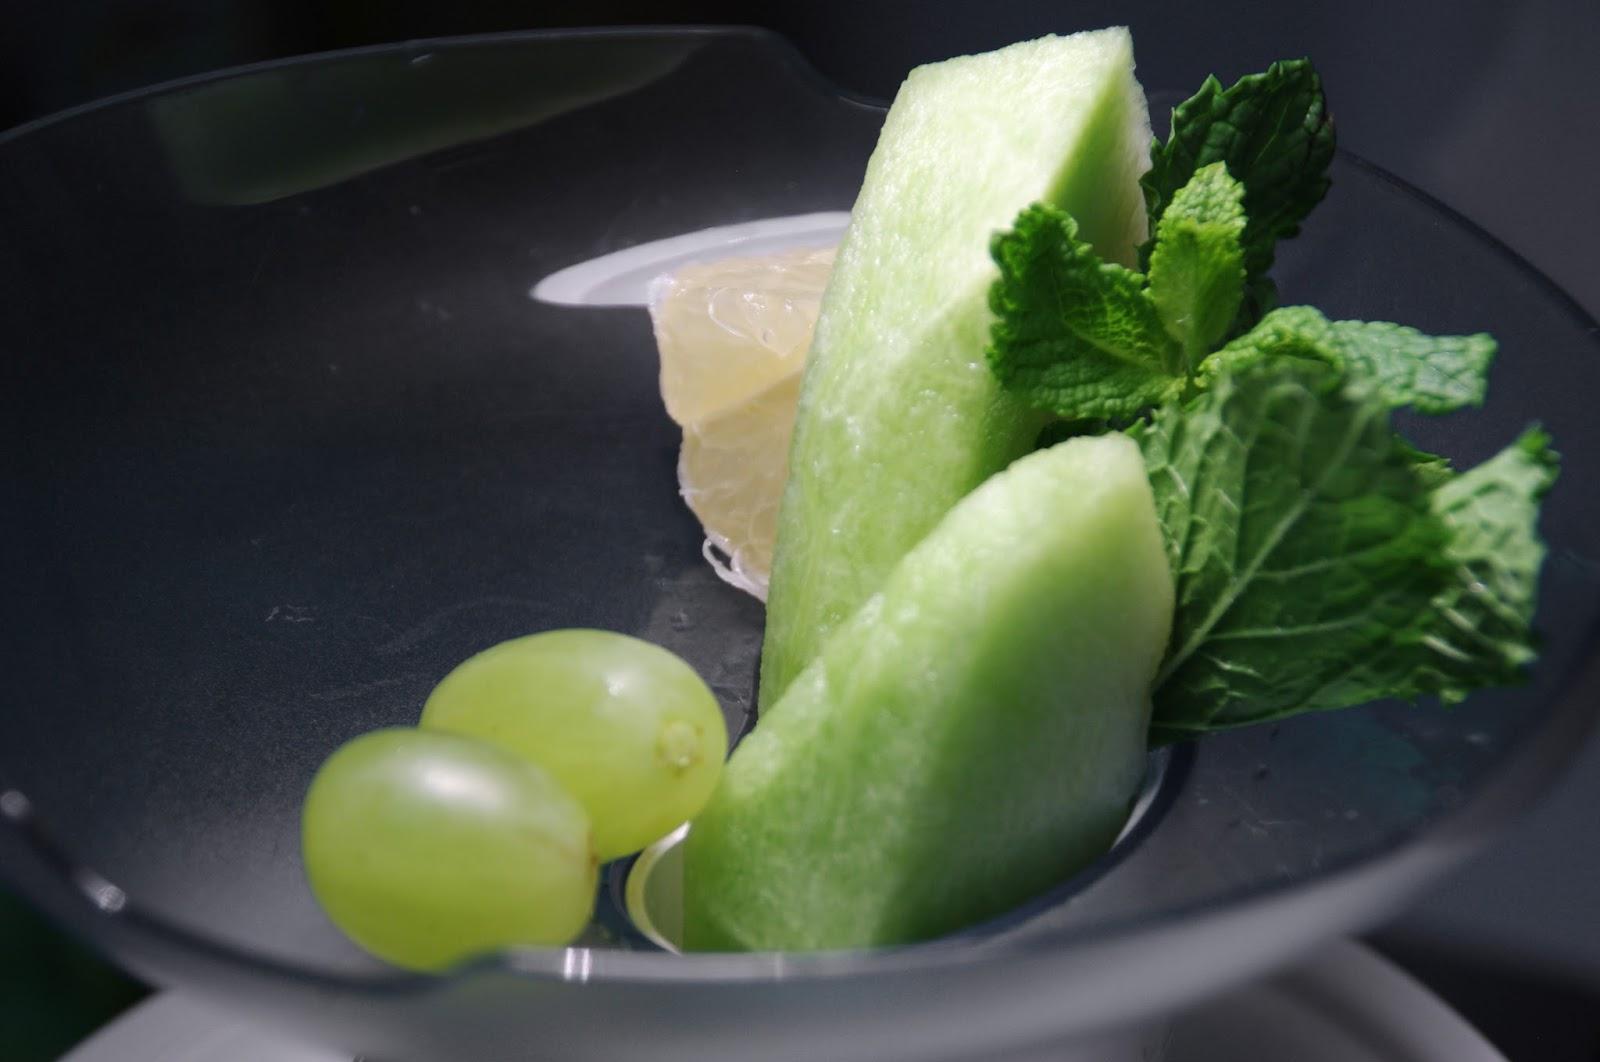 exprimimos zumo de melón, uva, pepino, menta y limón